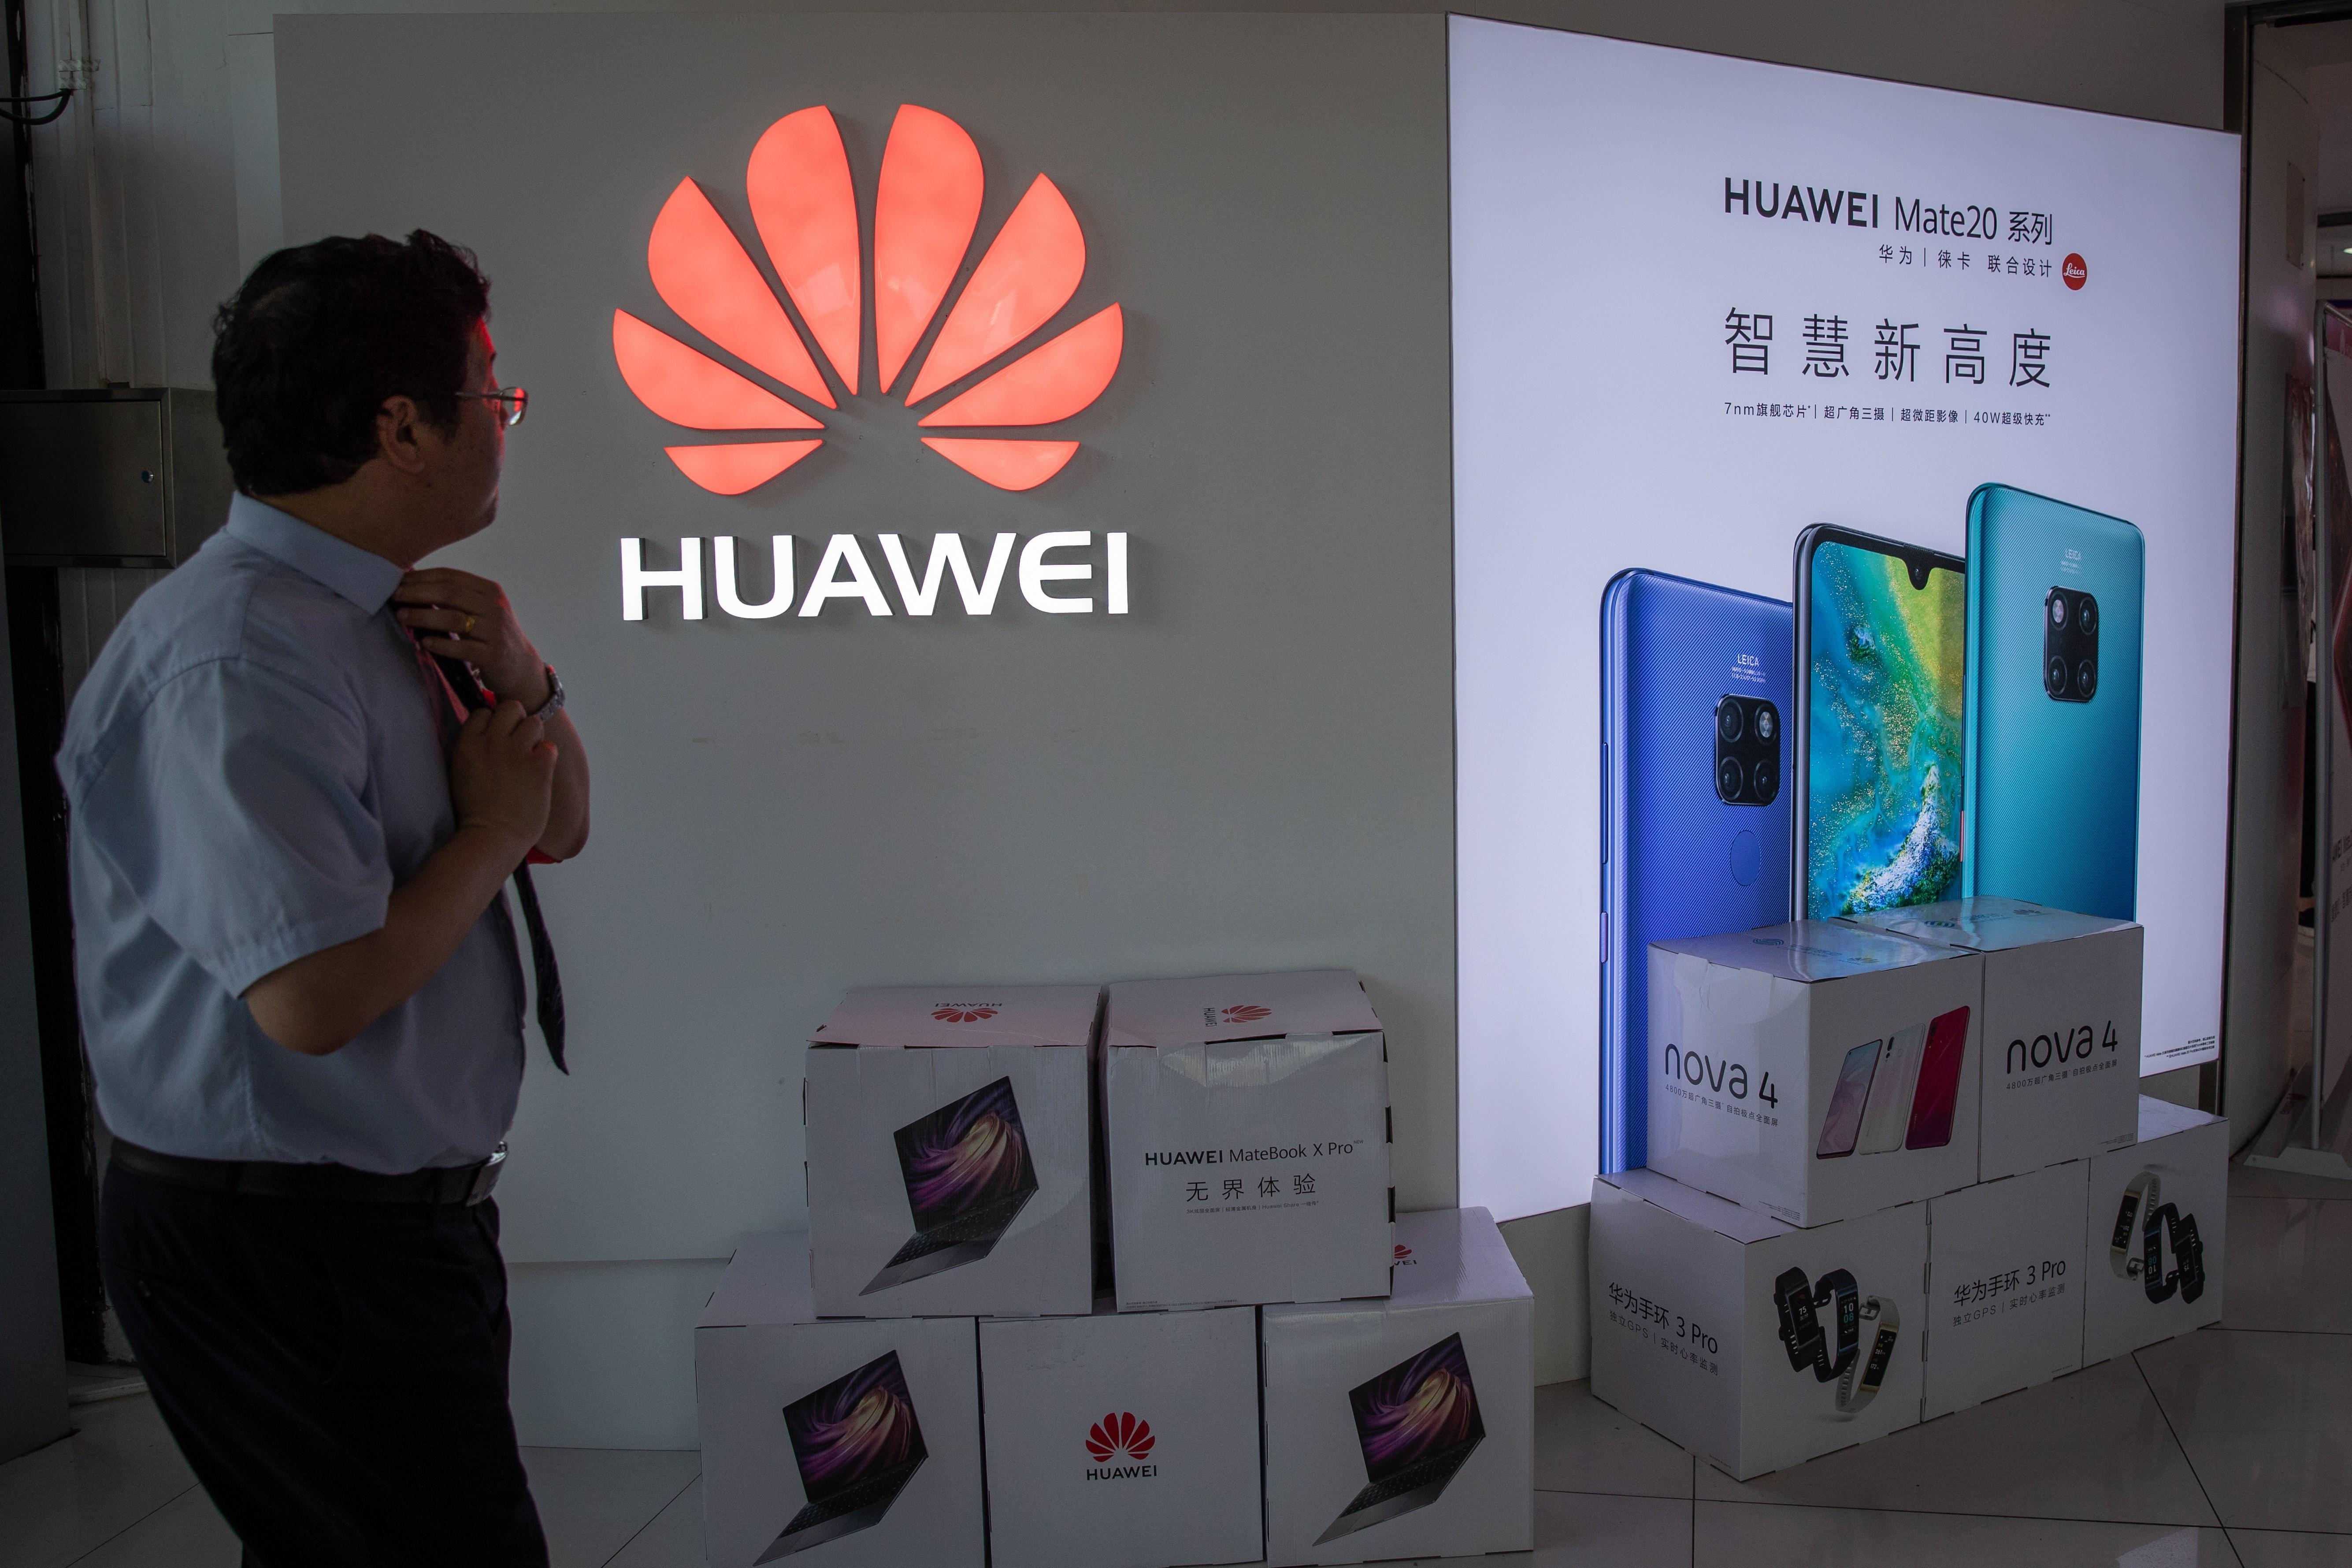 El veto de Google y otras tecnológicas estadounidenses a Huawei podría frustrar la aspiración del fabricante chino de liderar ese sector. (Foto Prensa Libre: EFE)